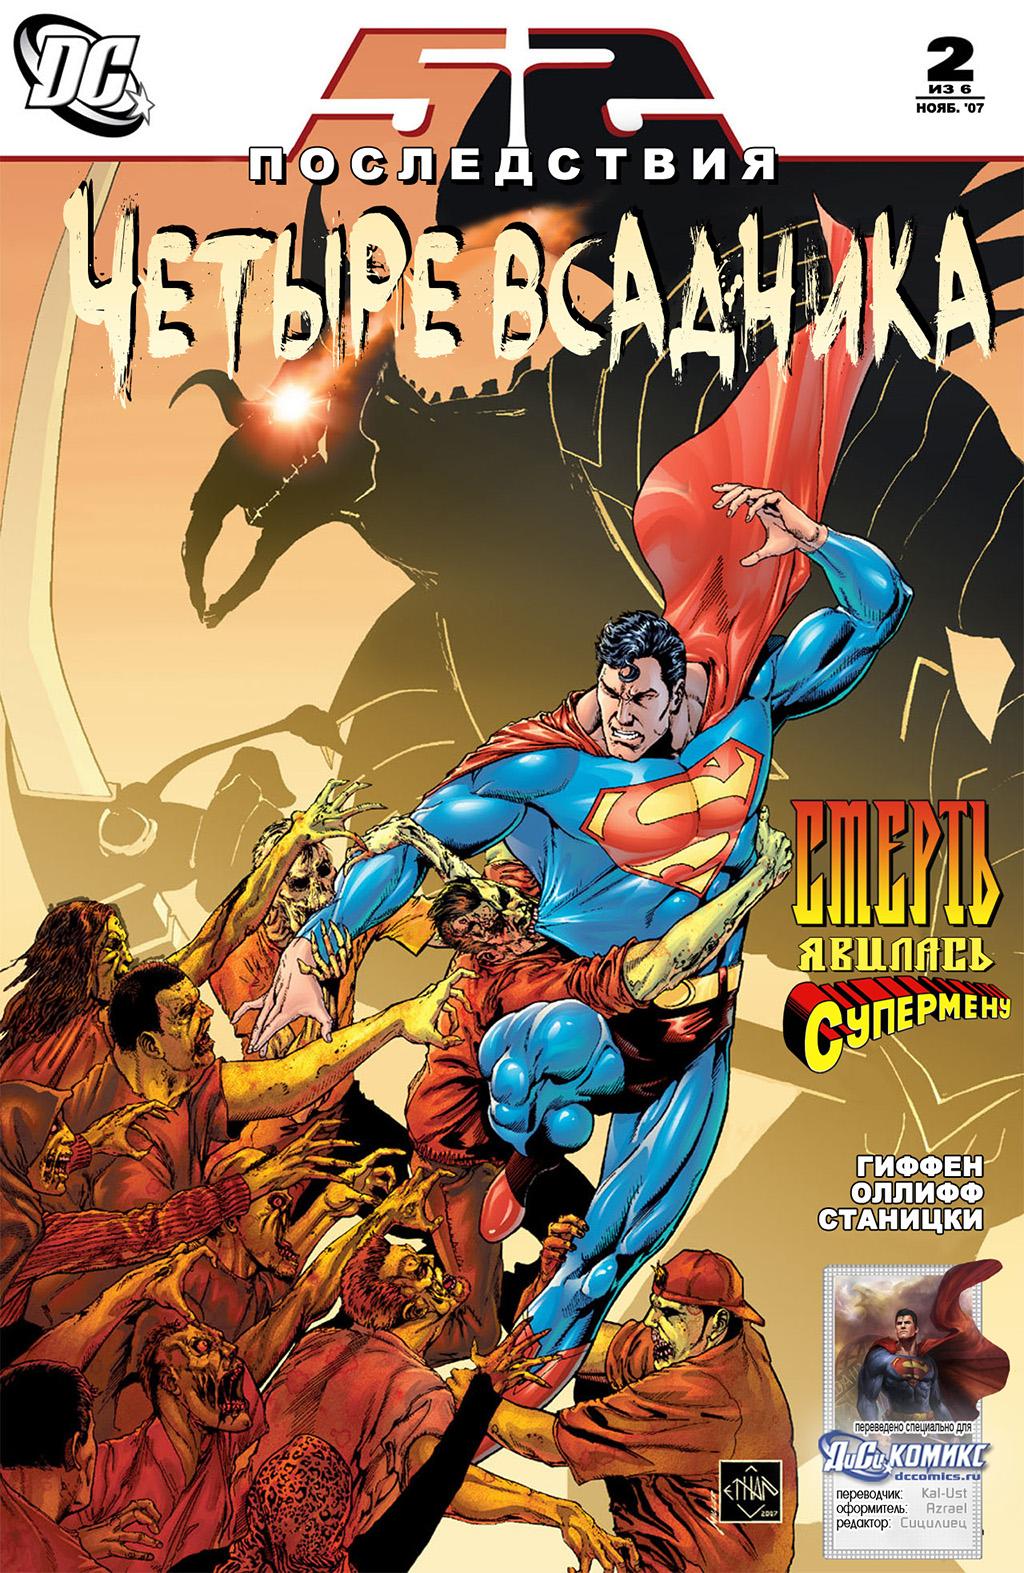 Комикс 52 Последствия: Четыре всадника